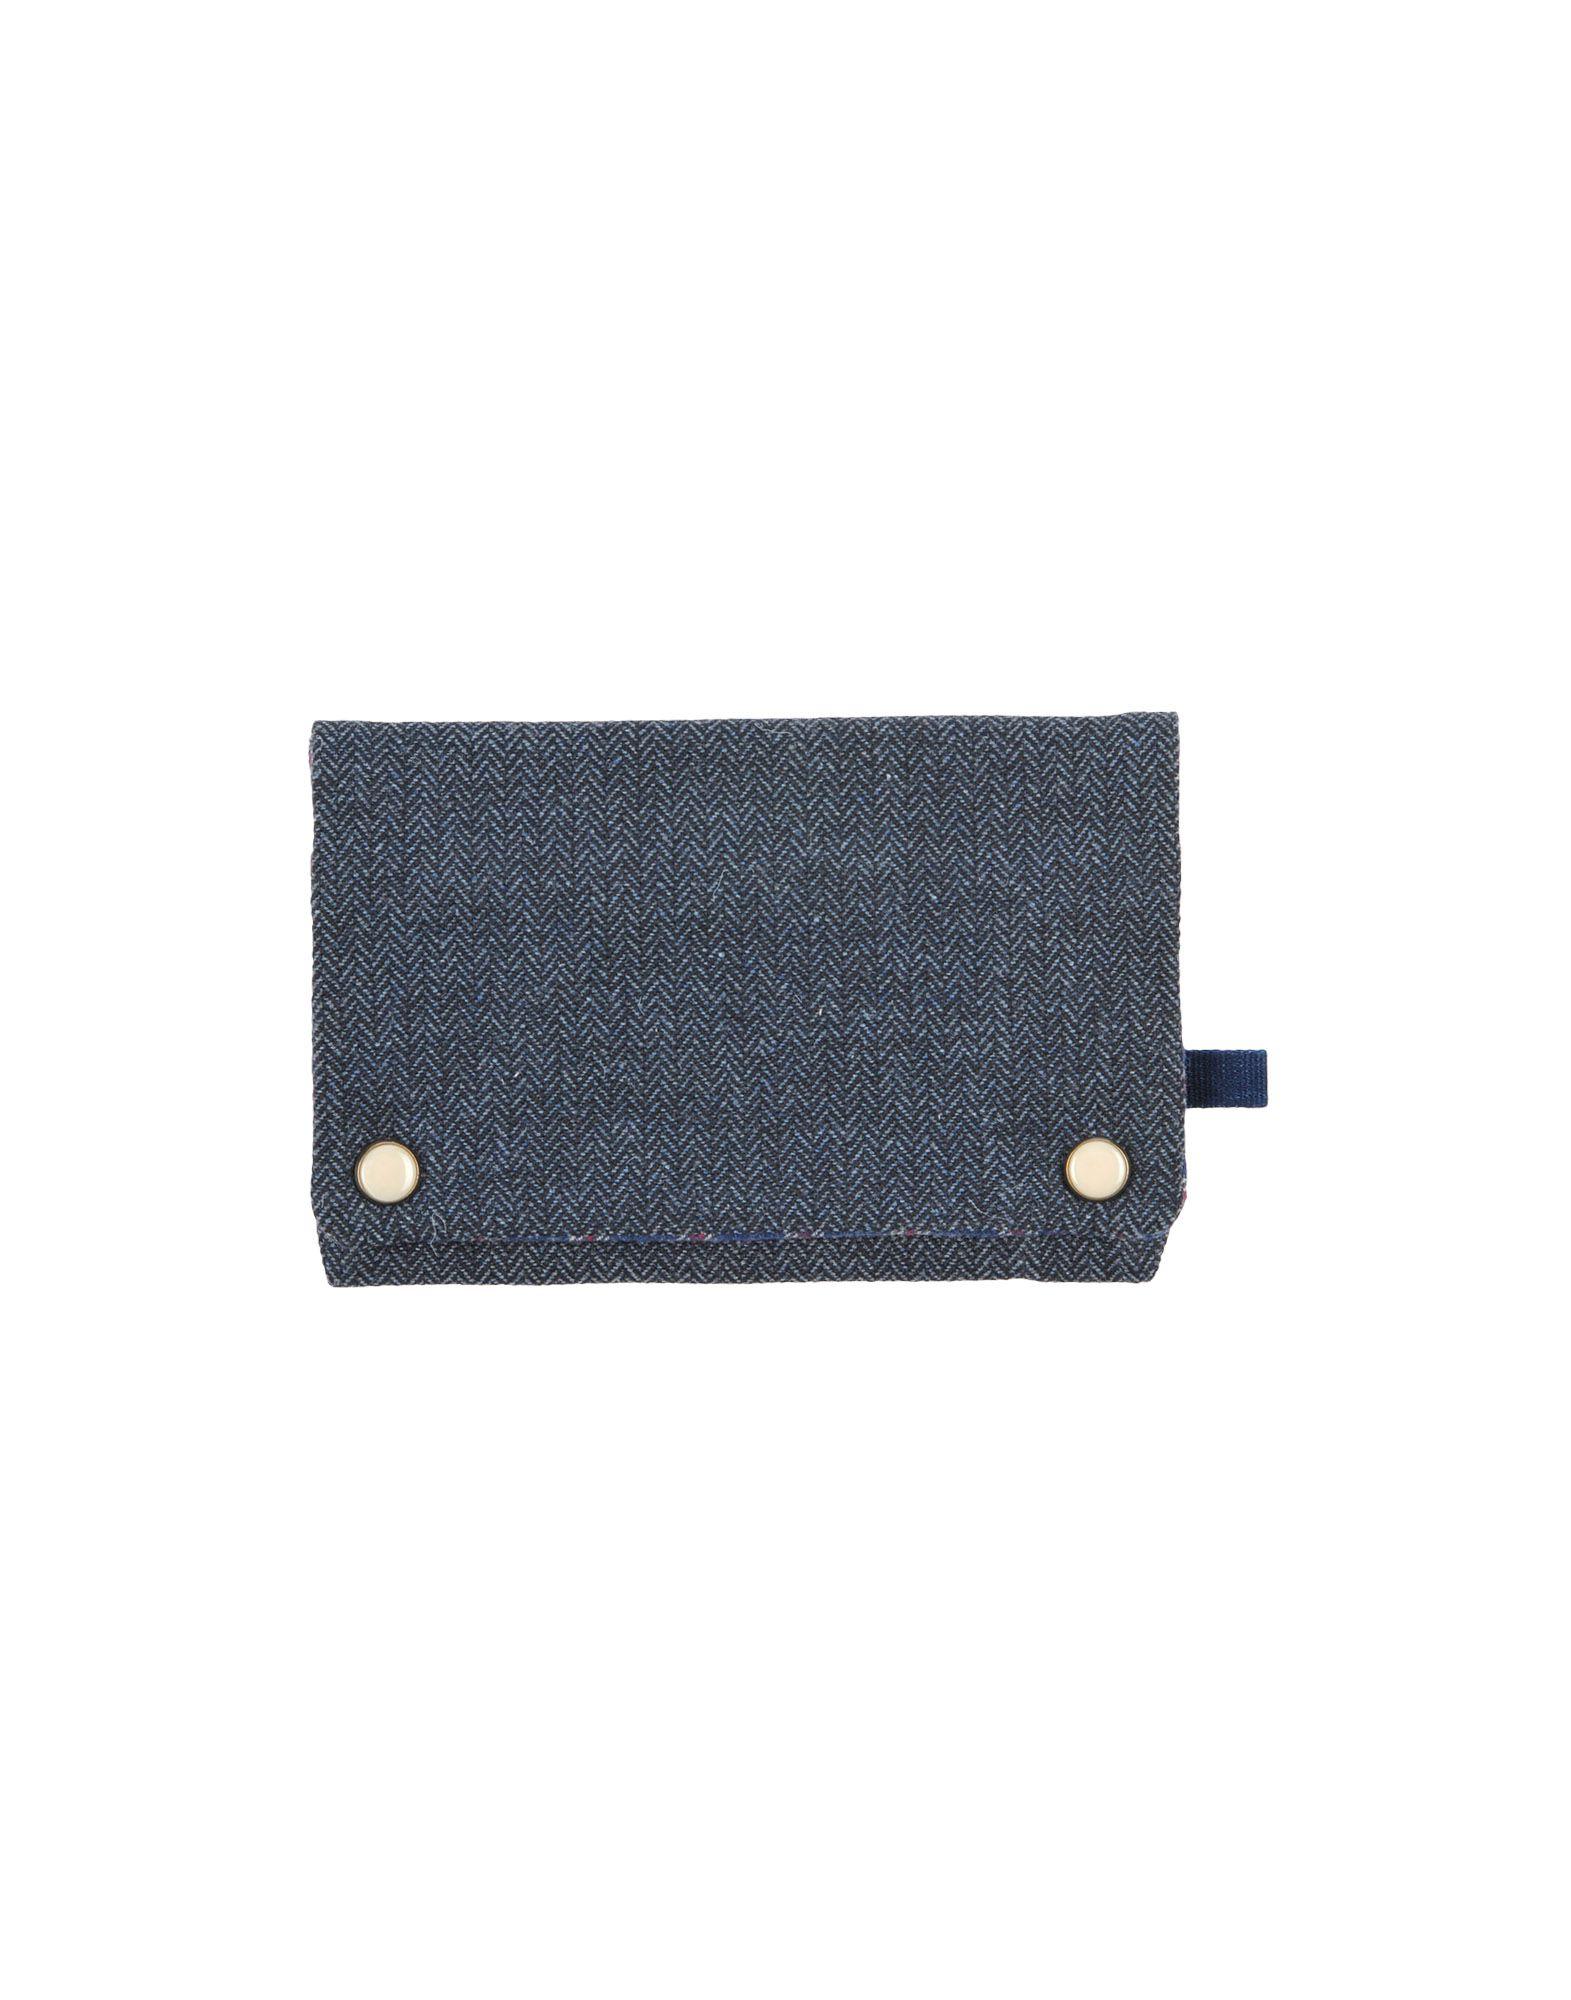 《送料無料》FANGOTANGO メンズ ポーチ ブルーグレー 紡績繊維